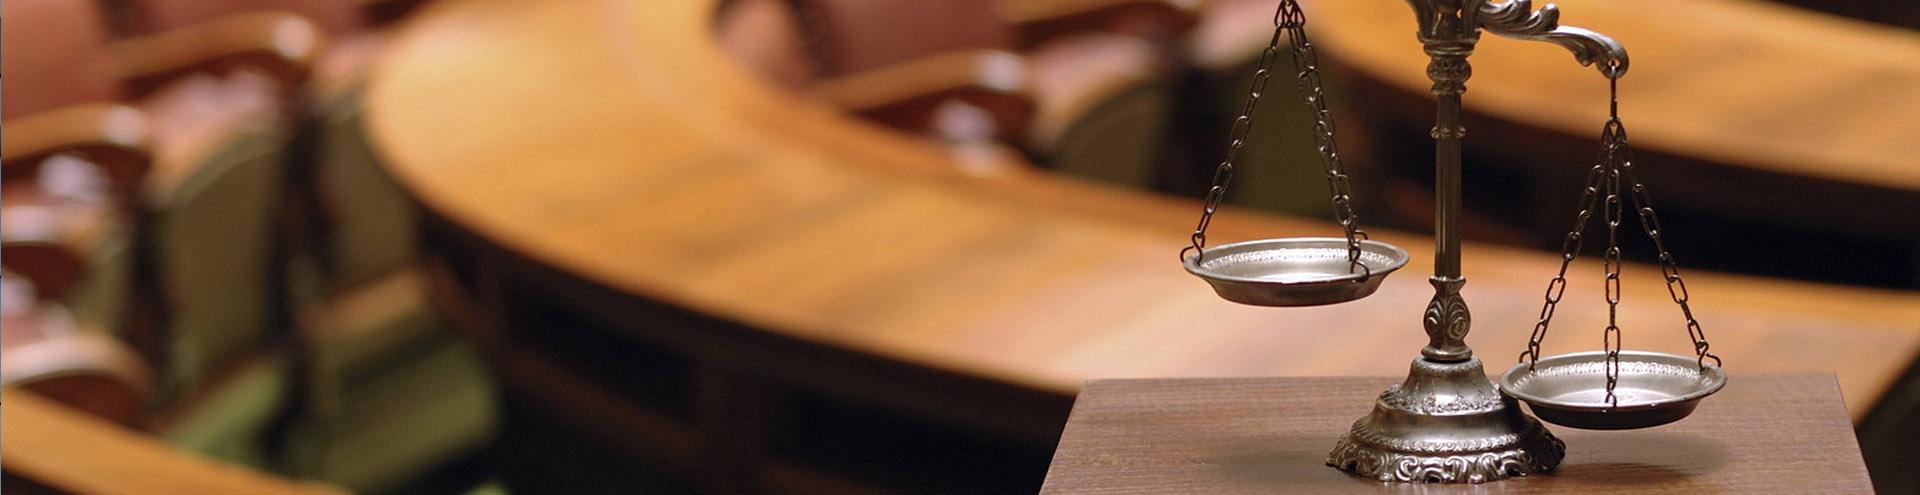 Представительство в арбитражном суде в Рязани и Рязанской области